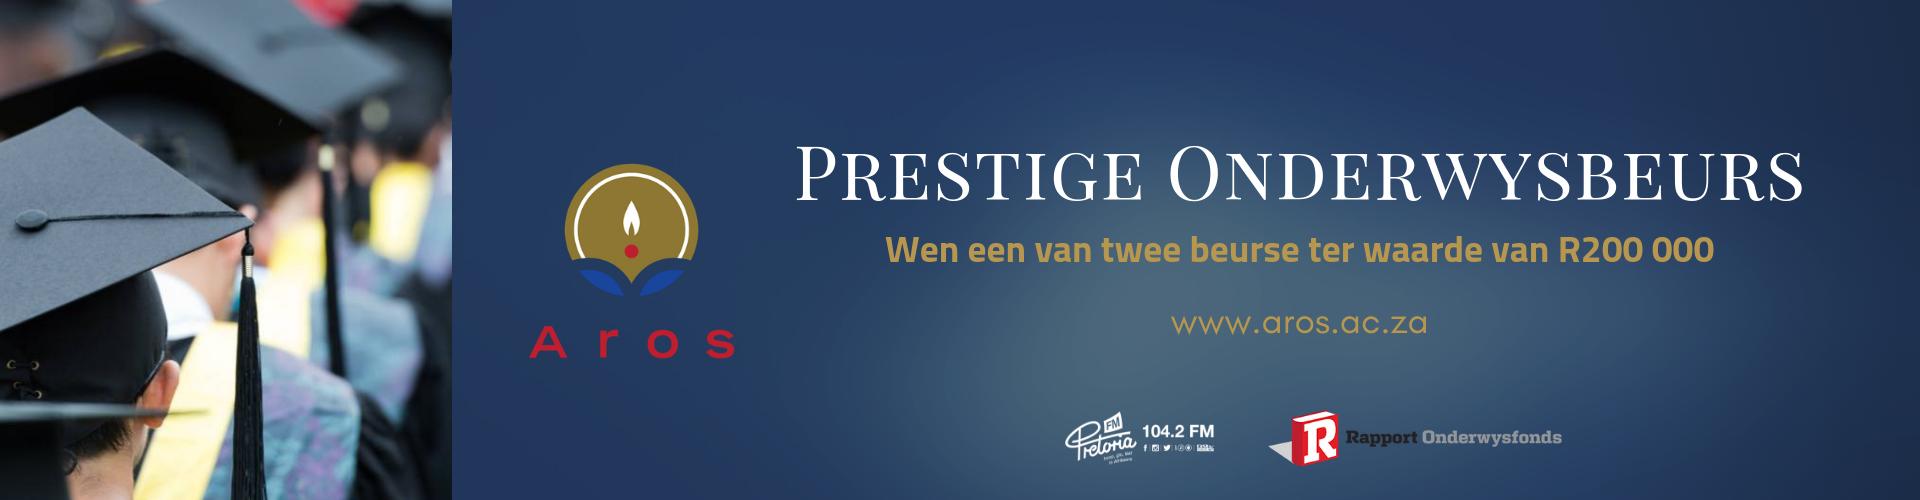 Prestige beurs